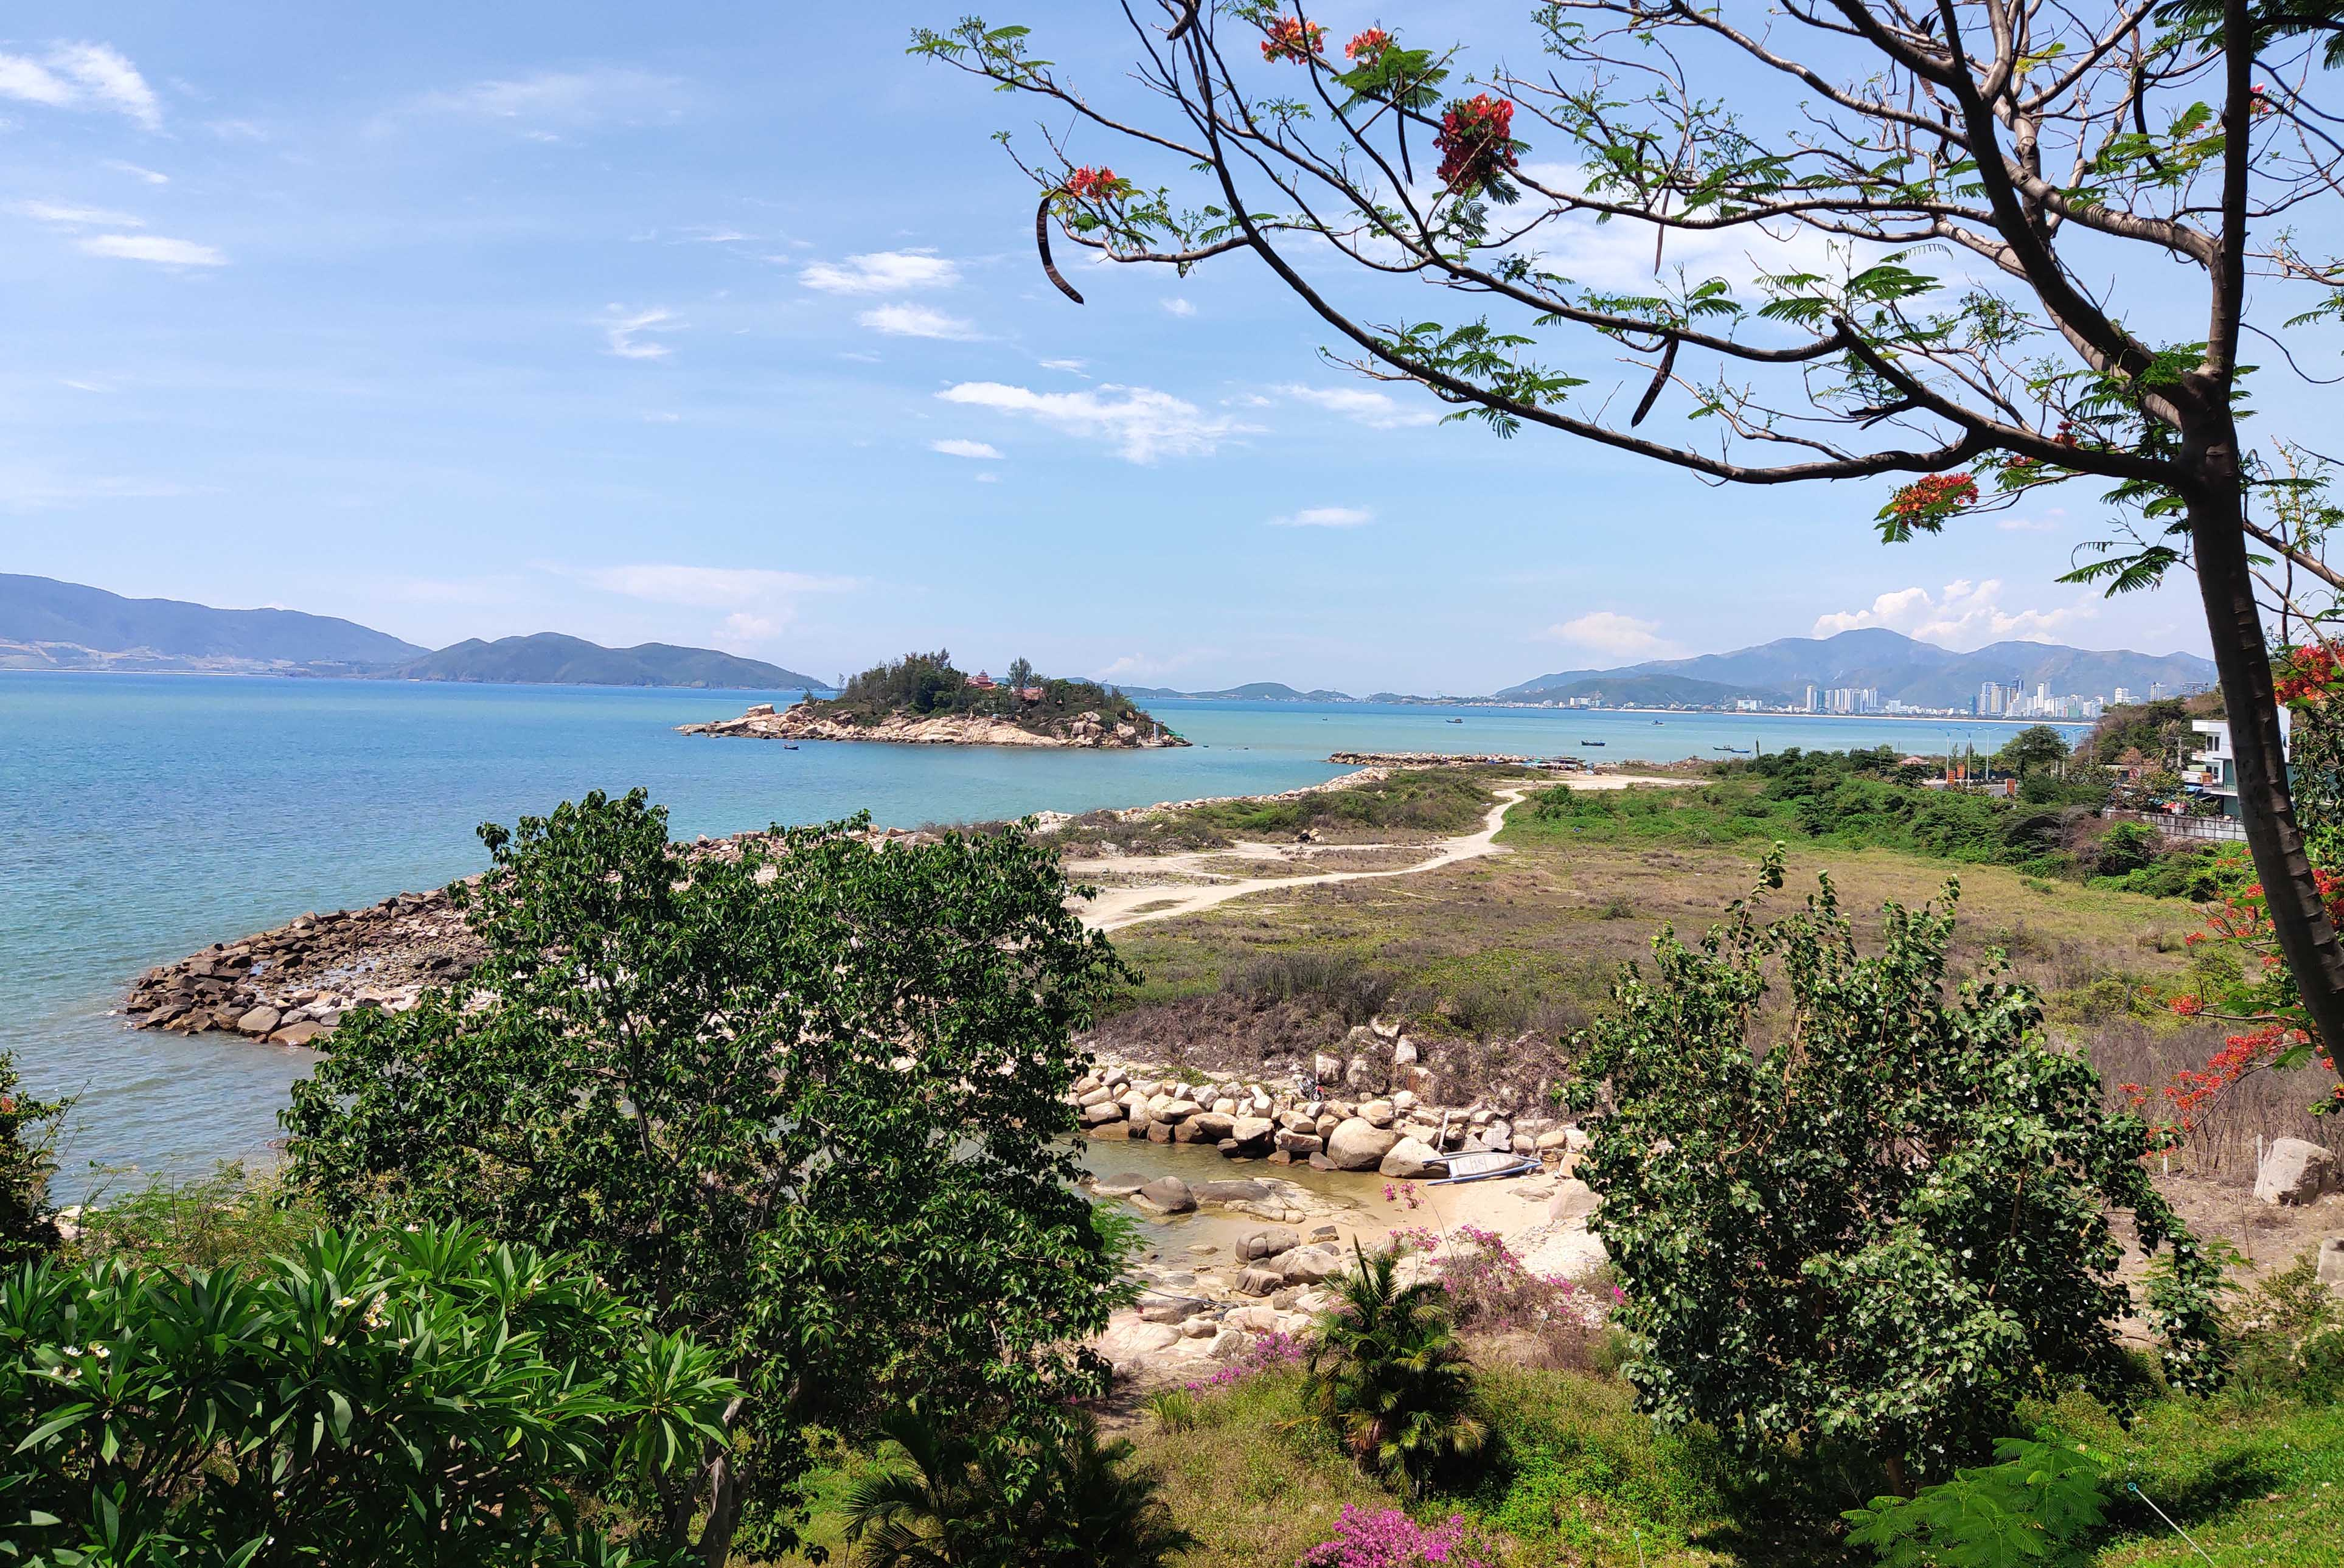 Khánh Hòa lên phương án thu hồi dự án Nha Trang Sao - Ảnh 1.